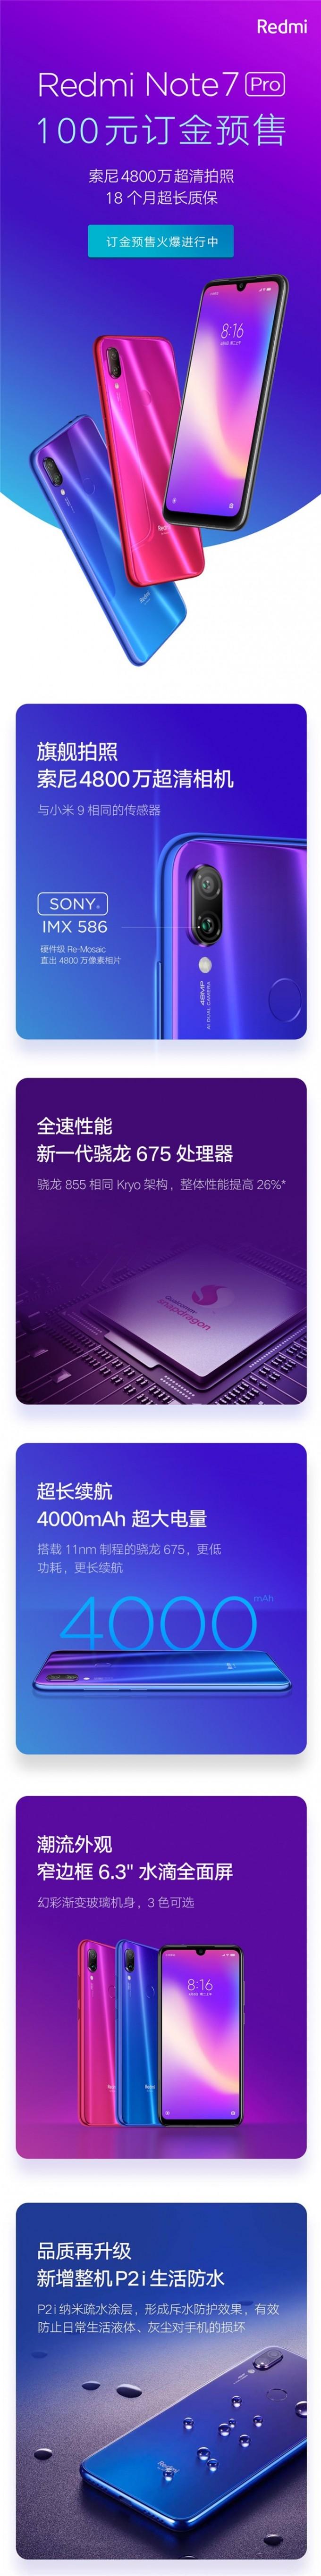 红米正式发布Note 7 Pro:索尼4800万+高通骁龙675处理器